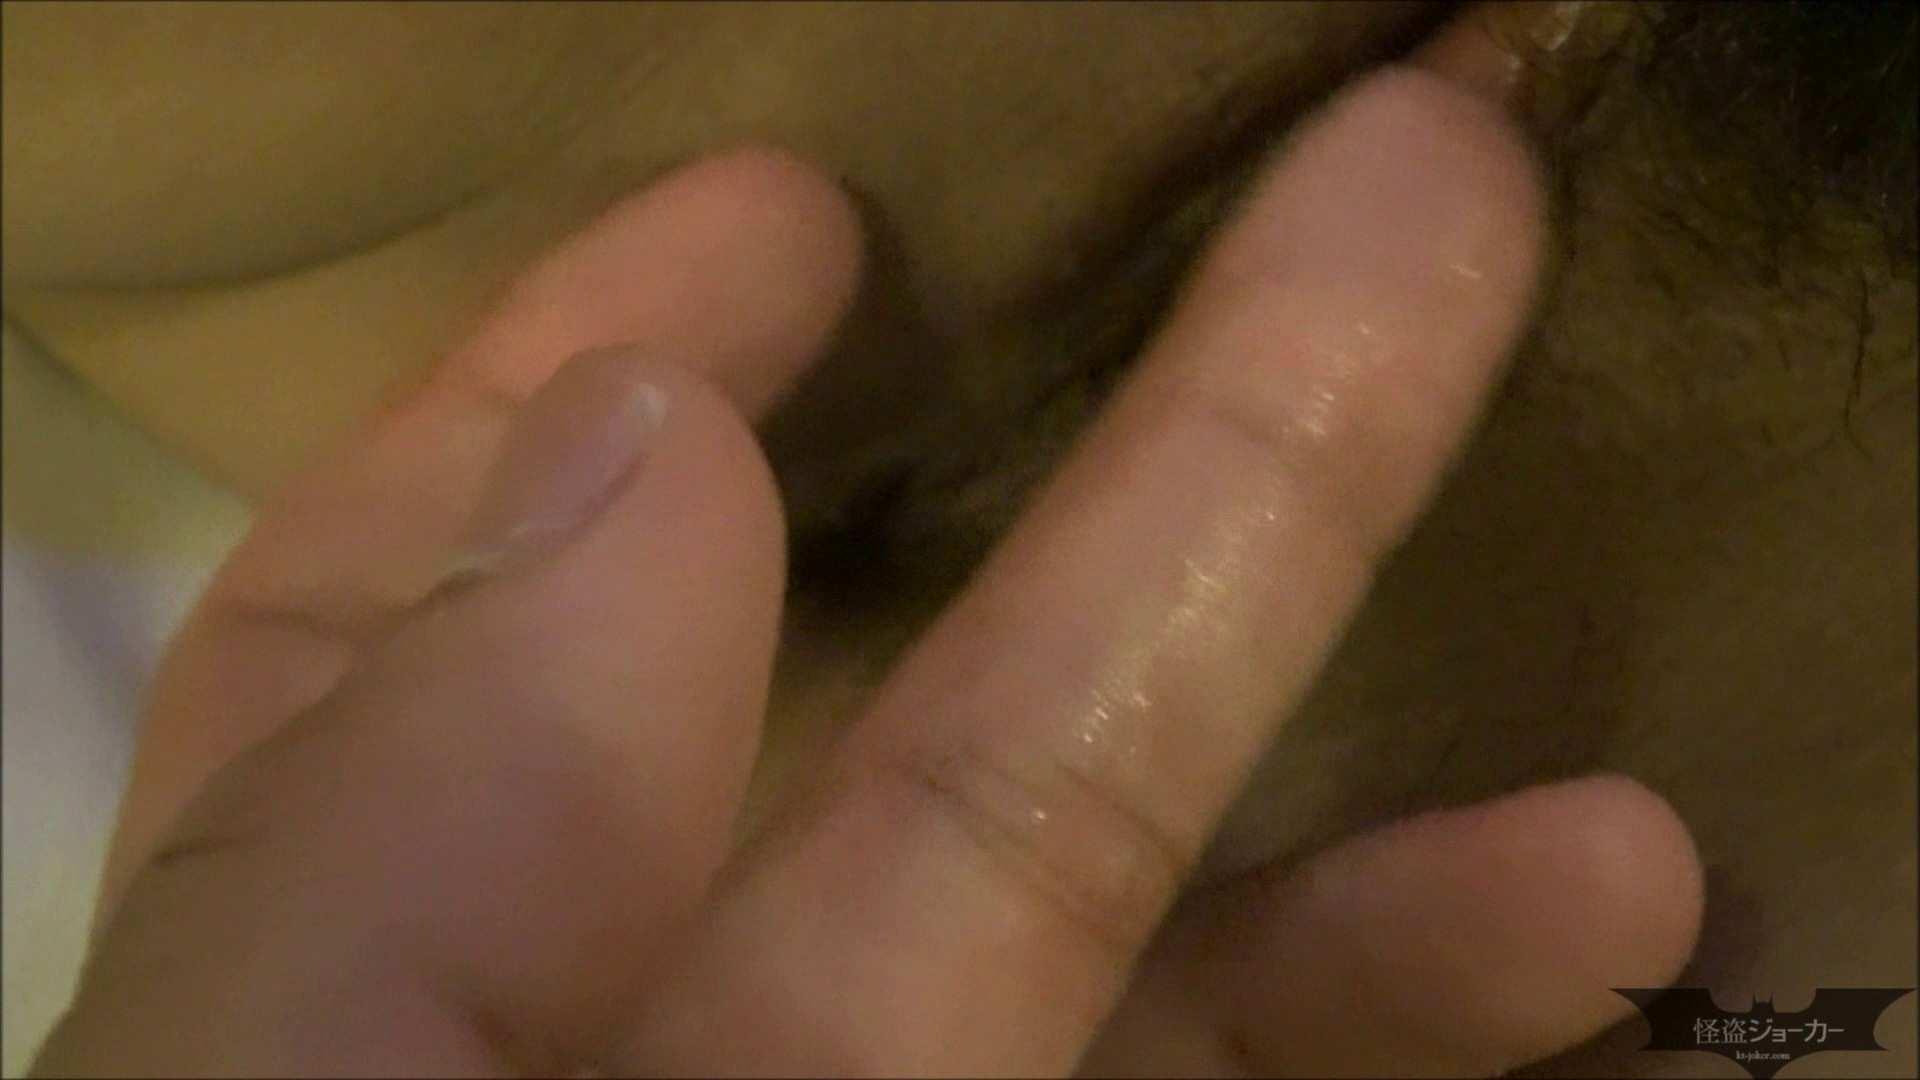 【未公開】vol.93 {茶髪ギャル}美巨乳アミちゃん②ゴメンネw【後編】 美乳  64PIX 4